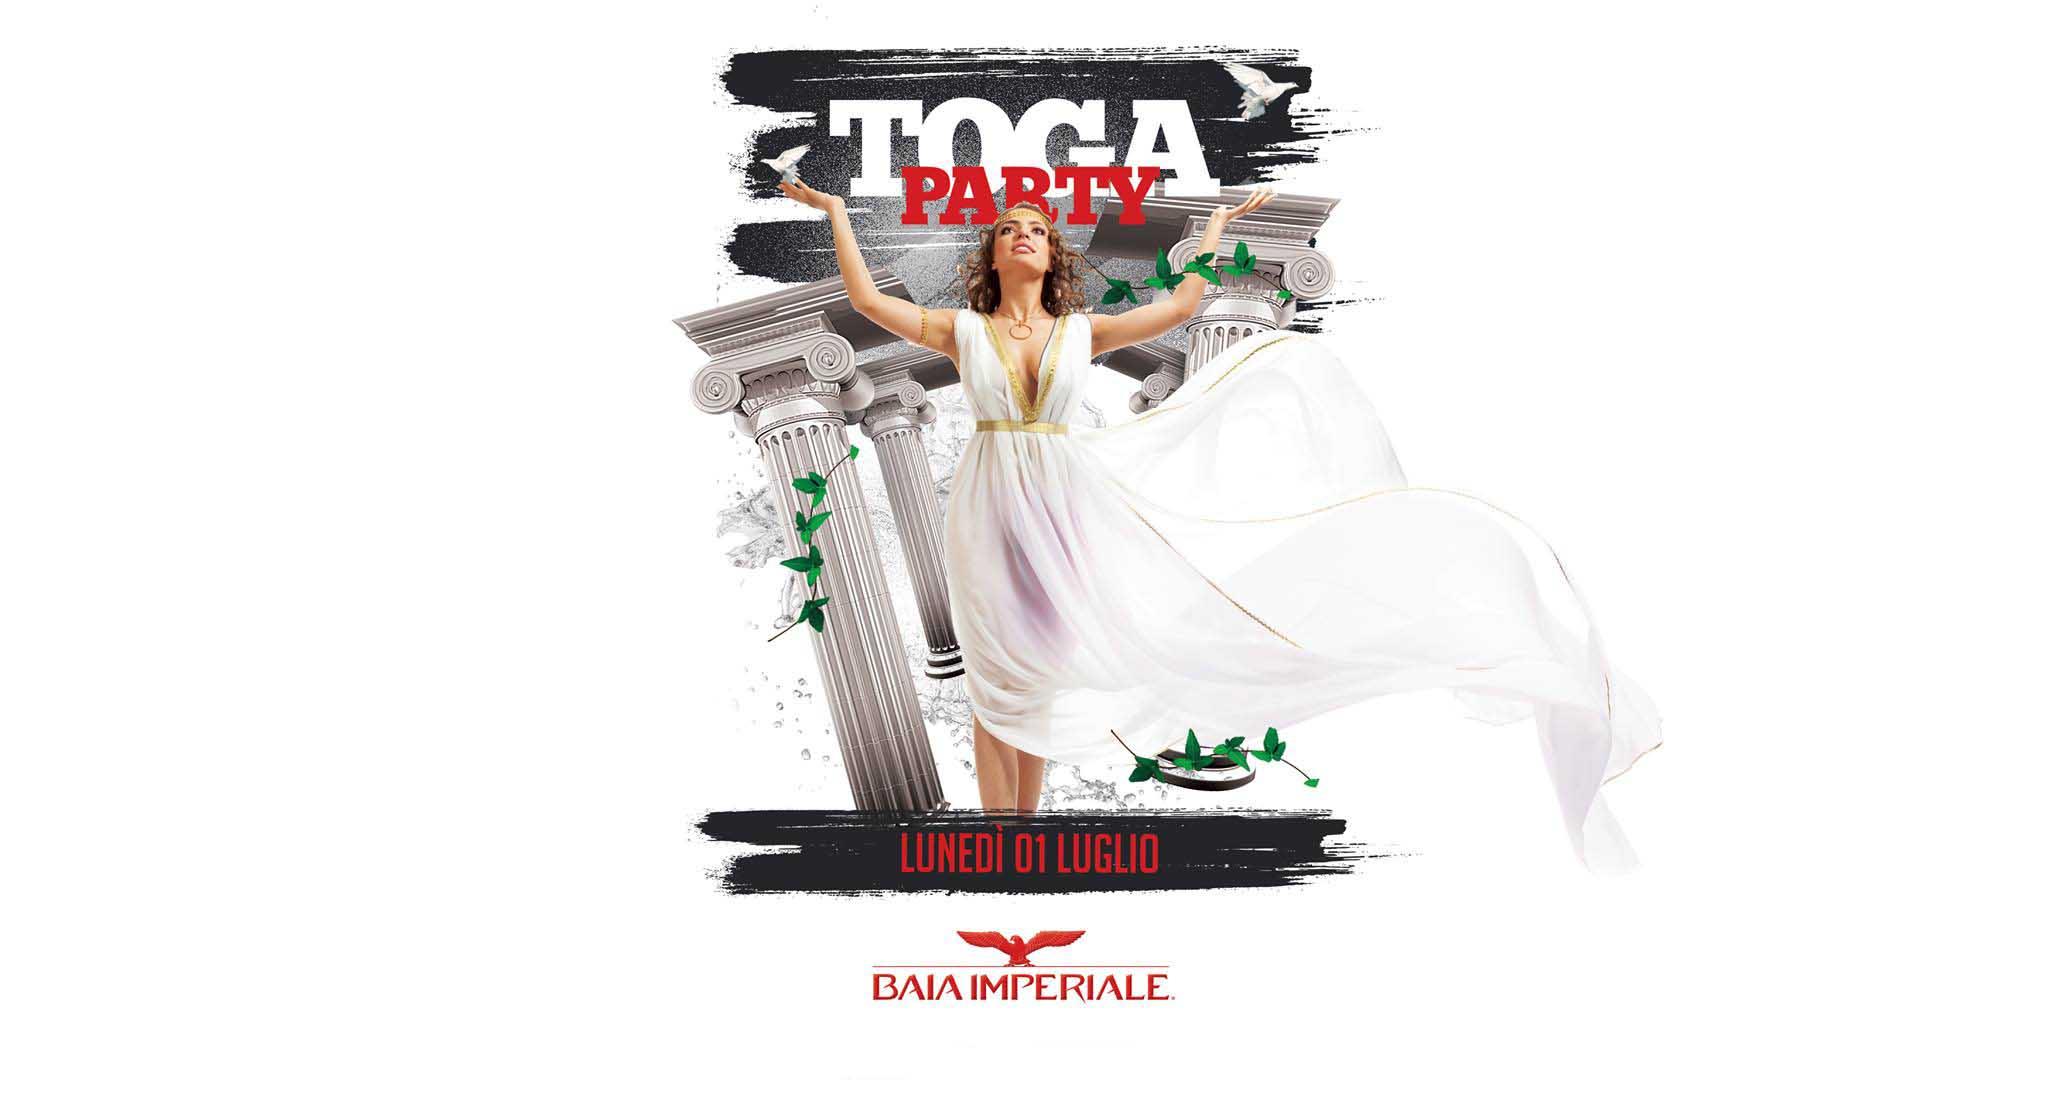 Baia Imperiale – Toga Party – Inaugurazione Lunedì 1 Luglio 2019 –  Ticket-Biglietti 18app – Tavoli – Pacchetti Hotel